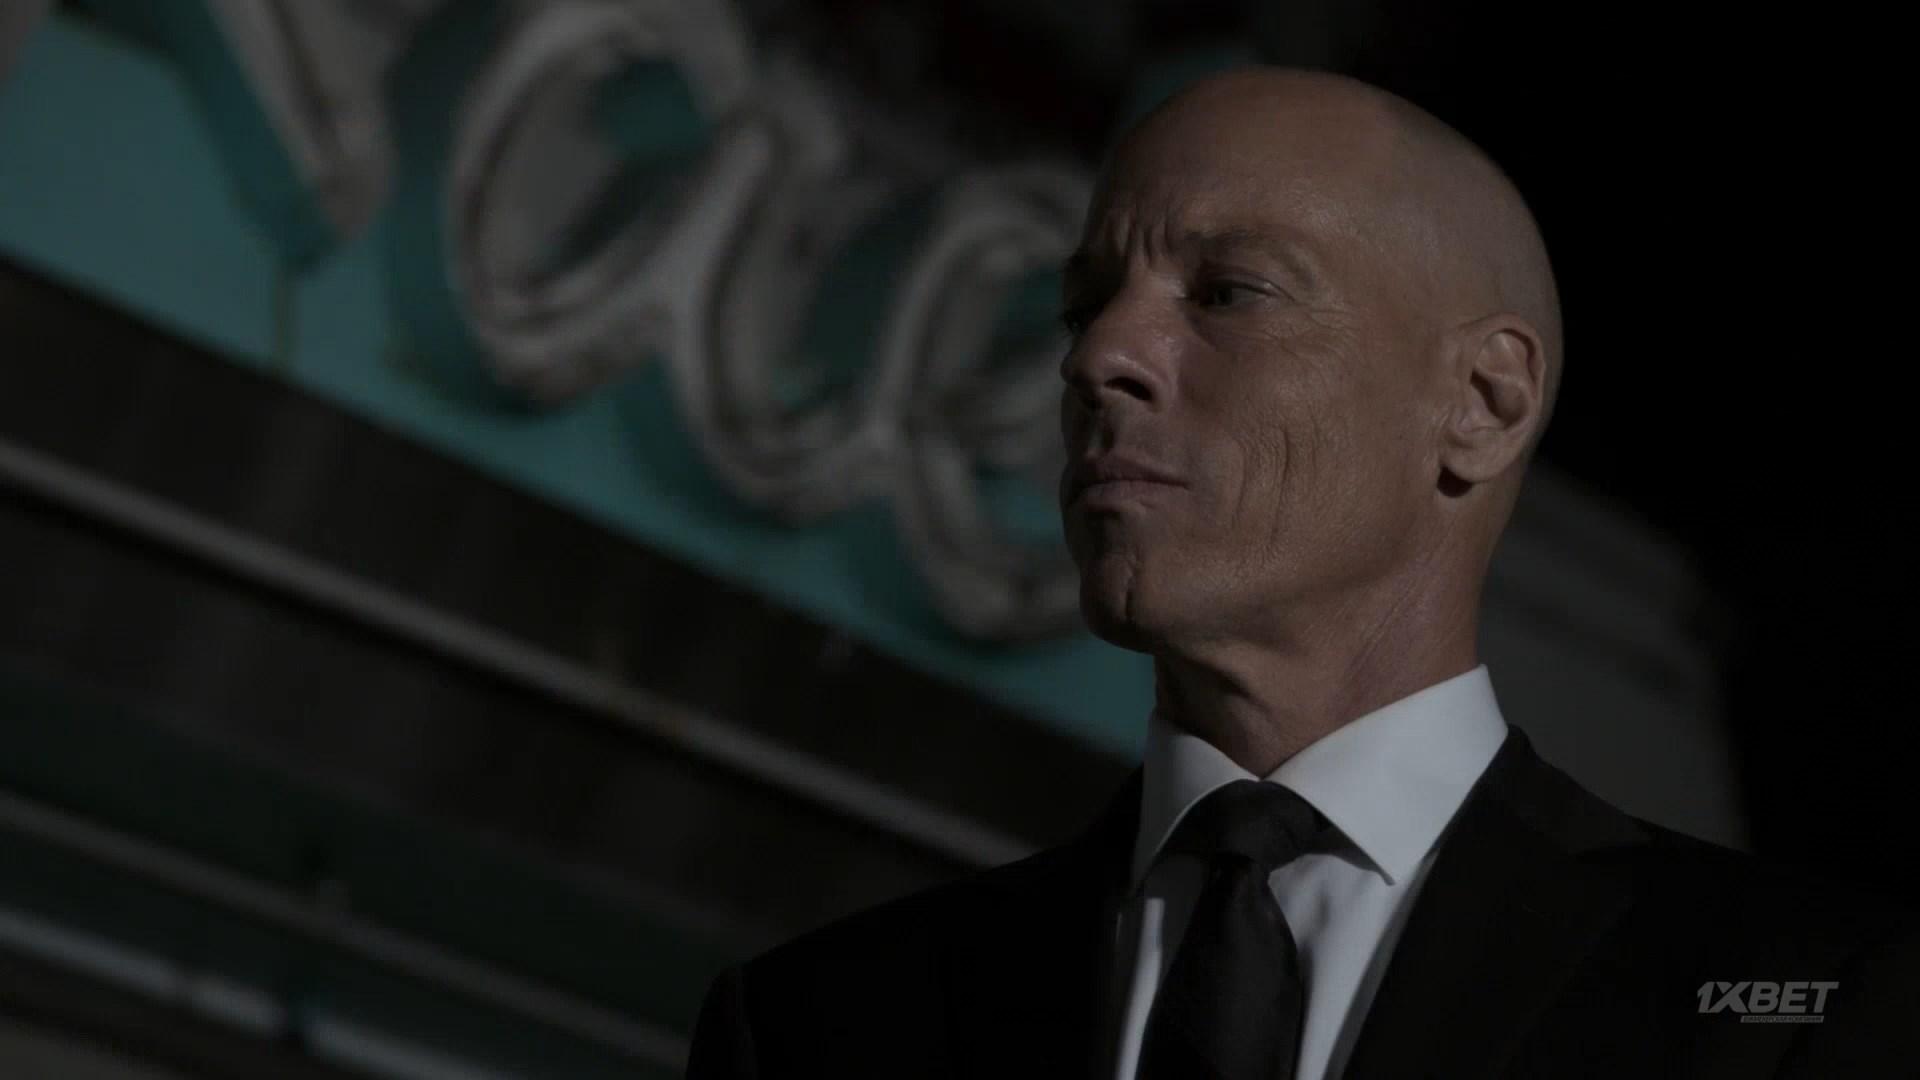 Агенты Щ.И.Т. / Agents of S.H.I.E.L.D [05x01-11 из 22] (2017) WEBRip 1080p